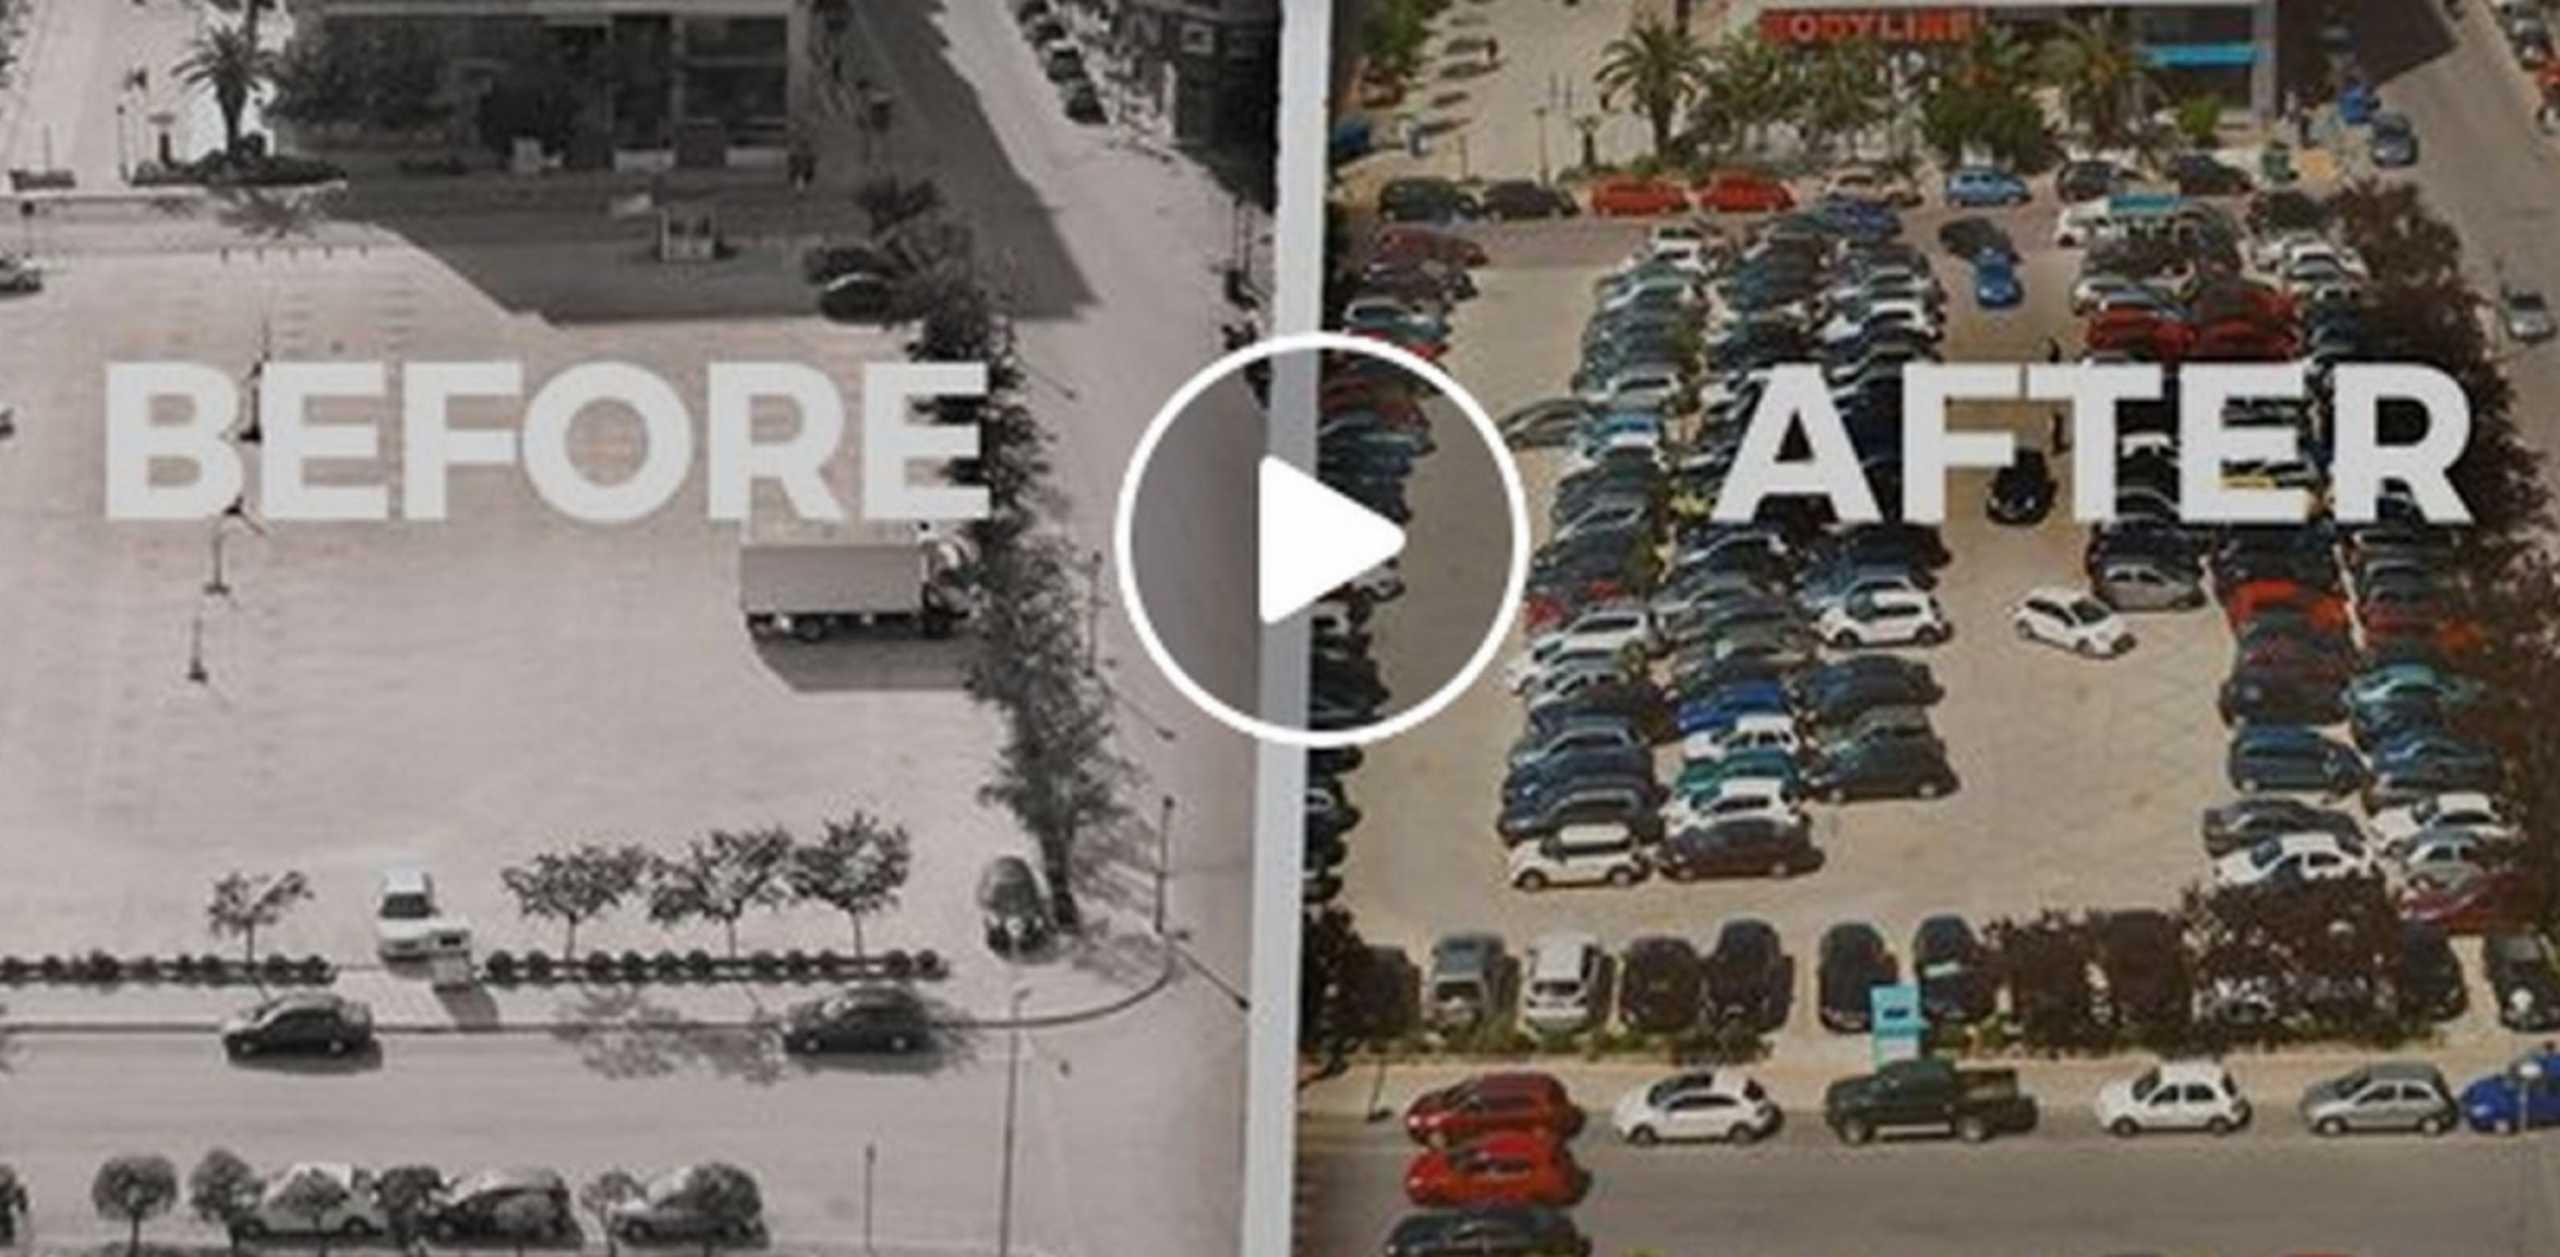 Καβάλα: Εκπληκτικό βίντεο με τη ζωή πριν και μετά την καραντίνα! Ο κορονοϊός άλλαξε τα ίδια τοπία (Βίντεο)